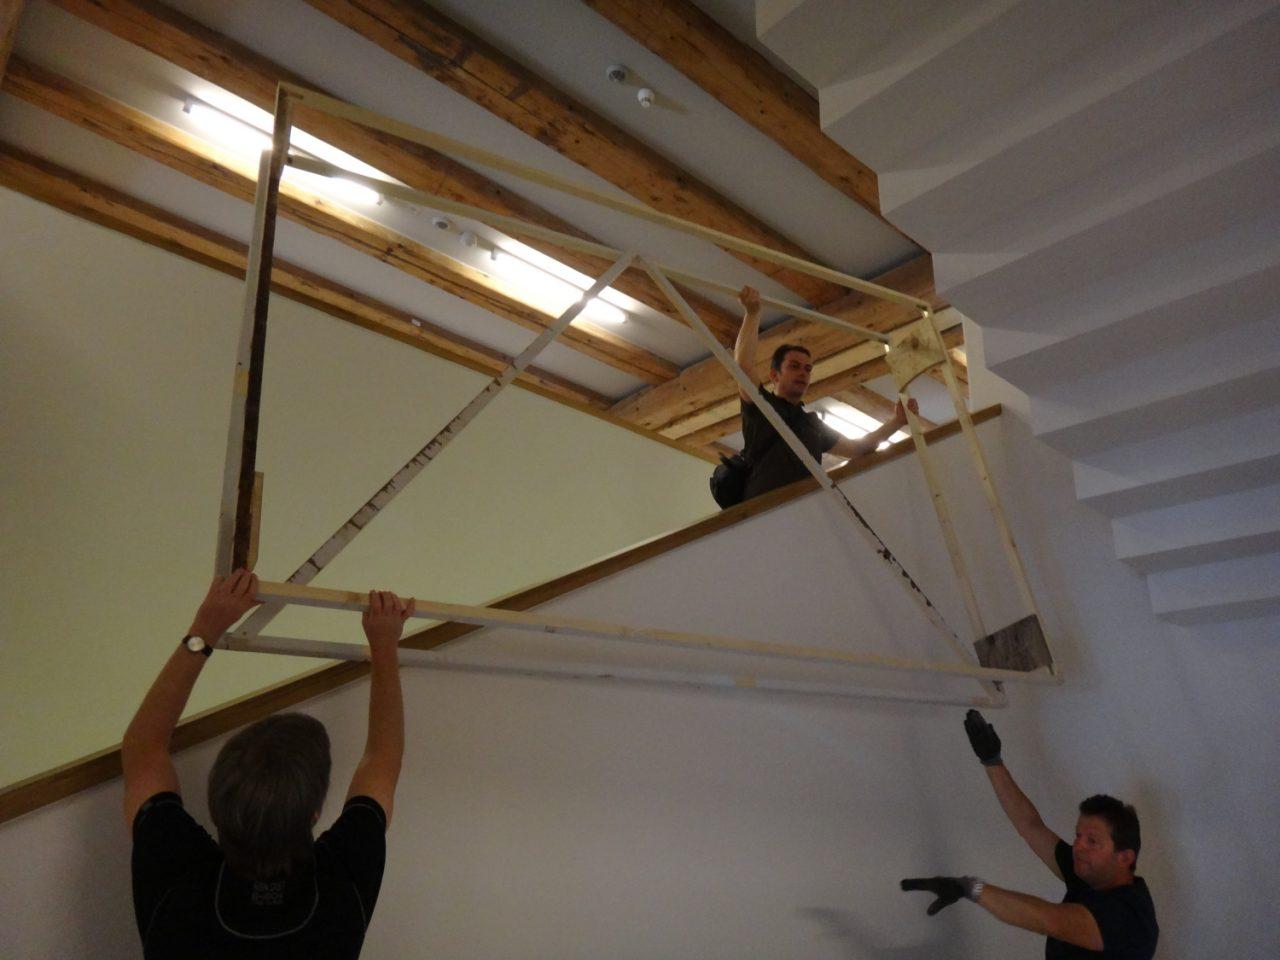 Holzrahmen wird durchs Treppenhaus gereicht.